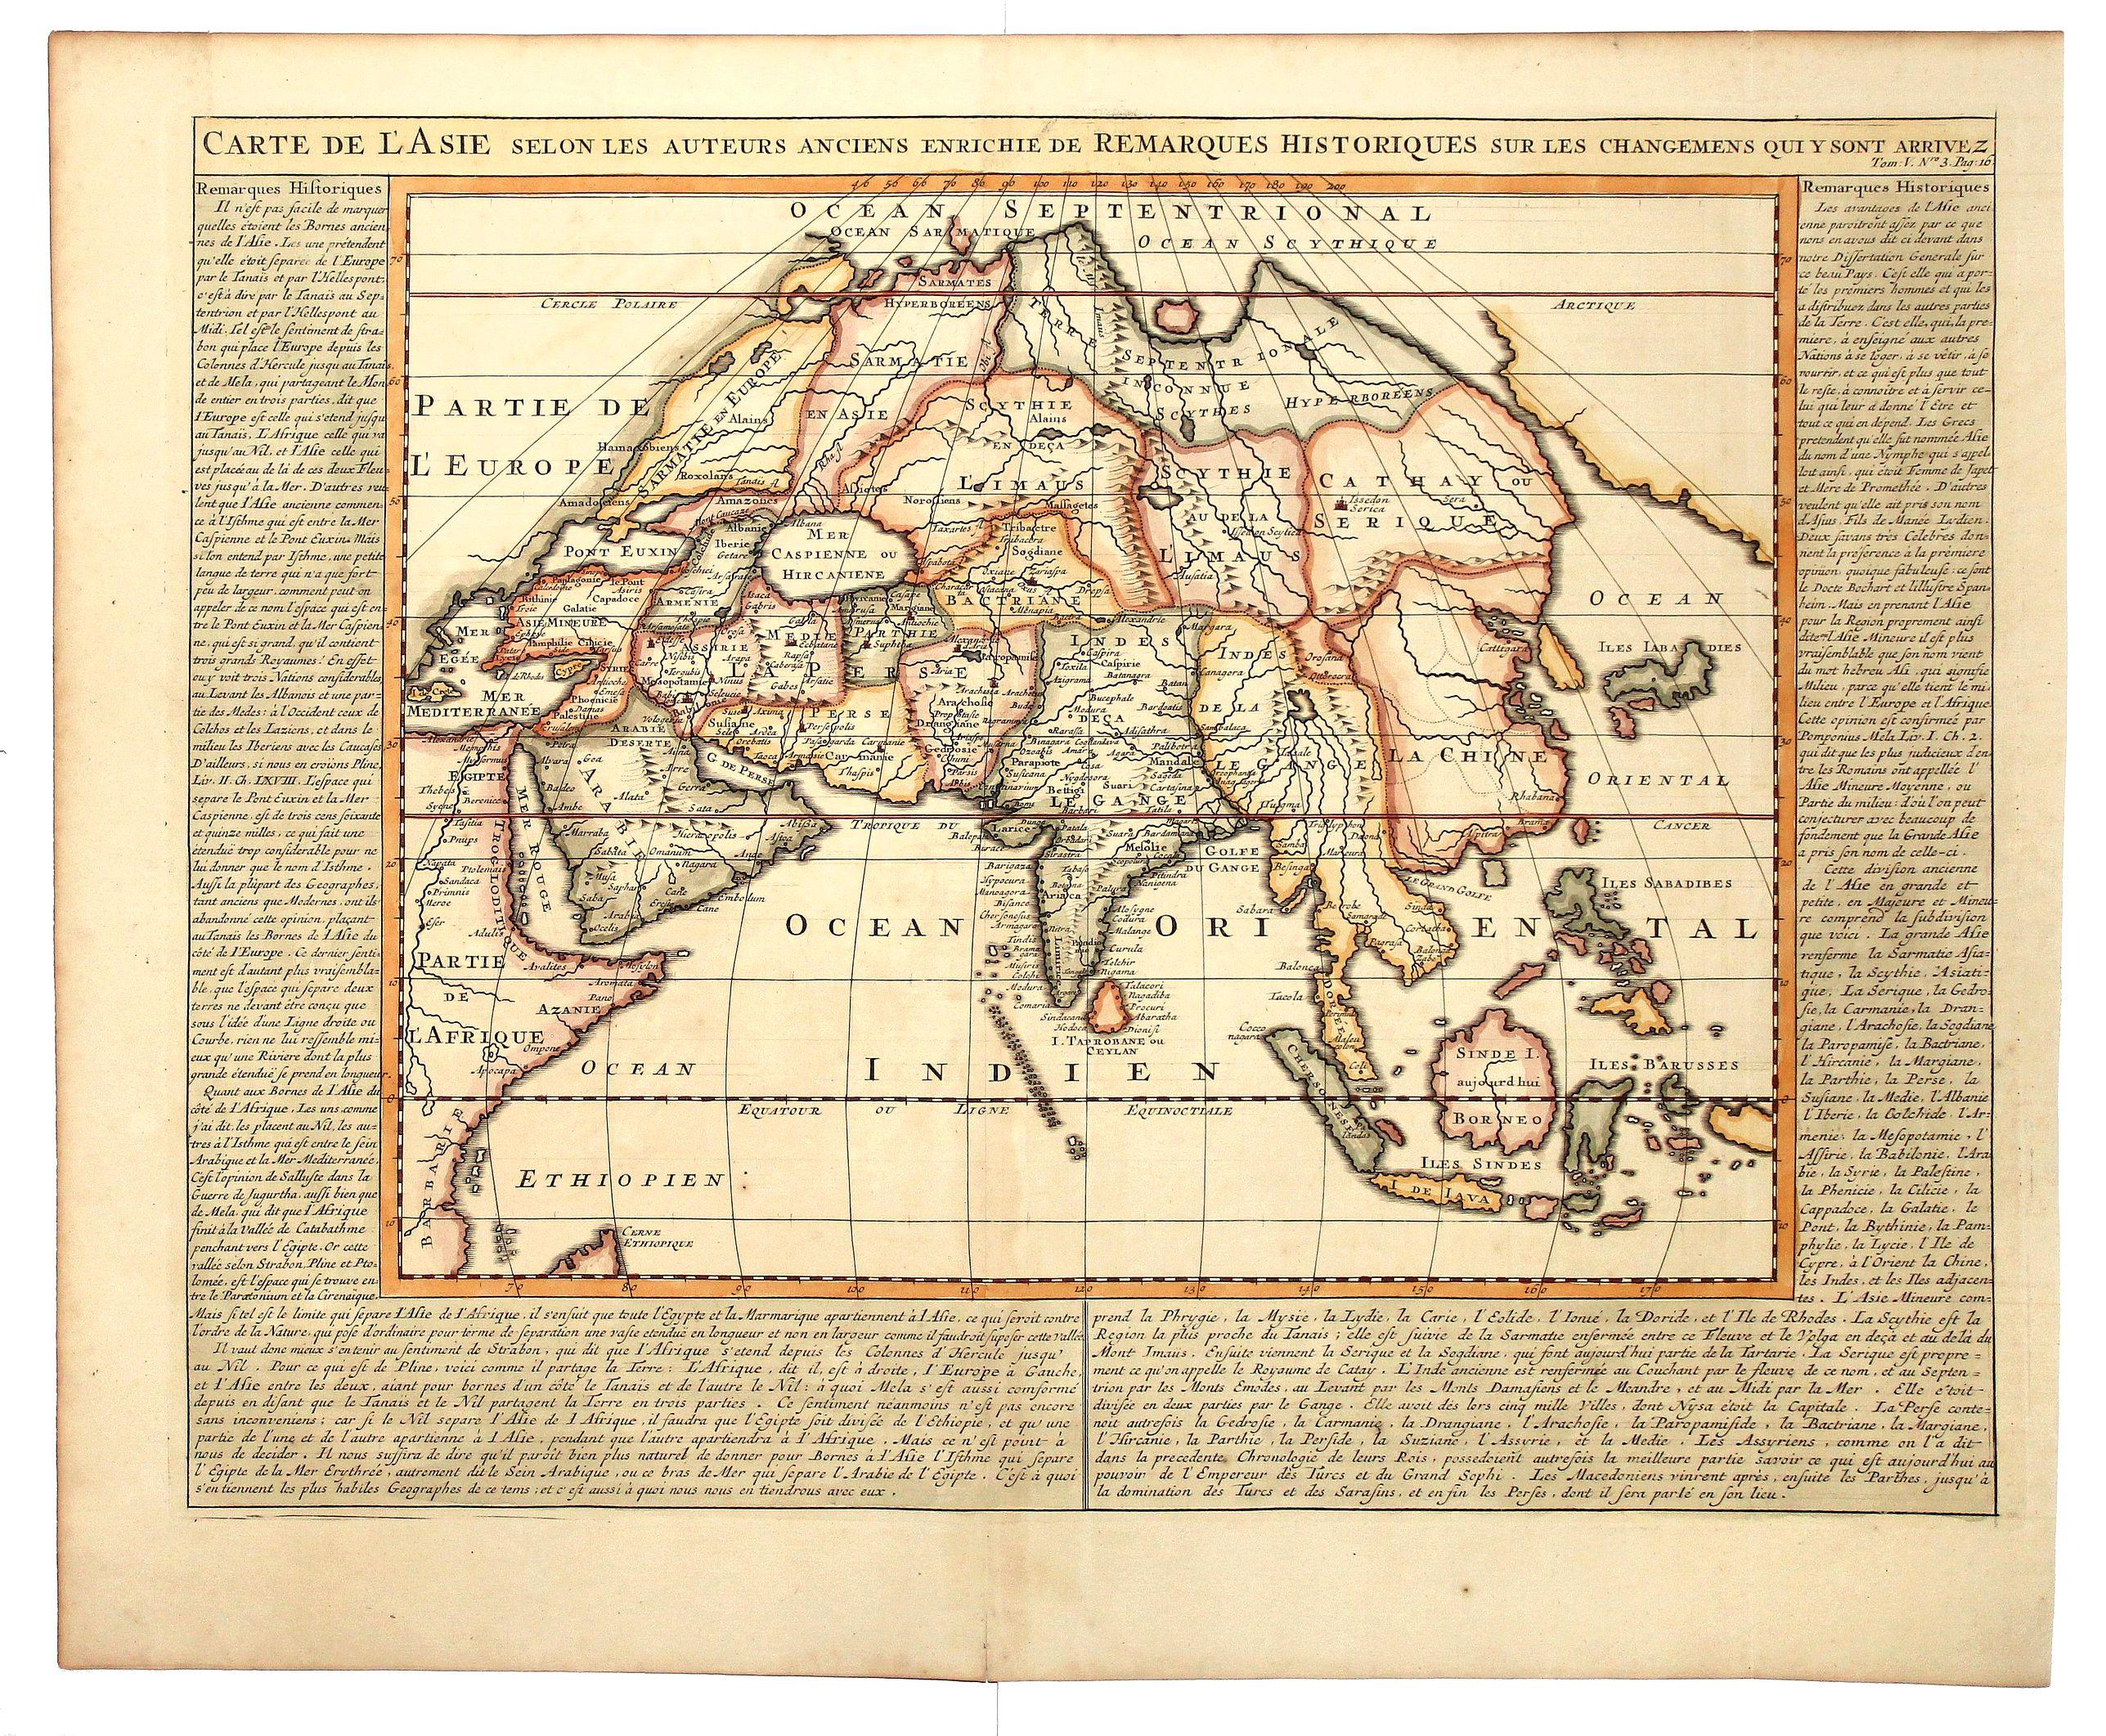 CHATELAIN, H. - CARTE DE L'ASIE, Selon les auteurs anciens enriche de Remarques Historiques sur le Changements qui y sont arrivez.